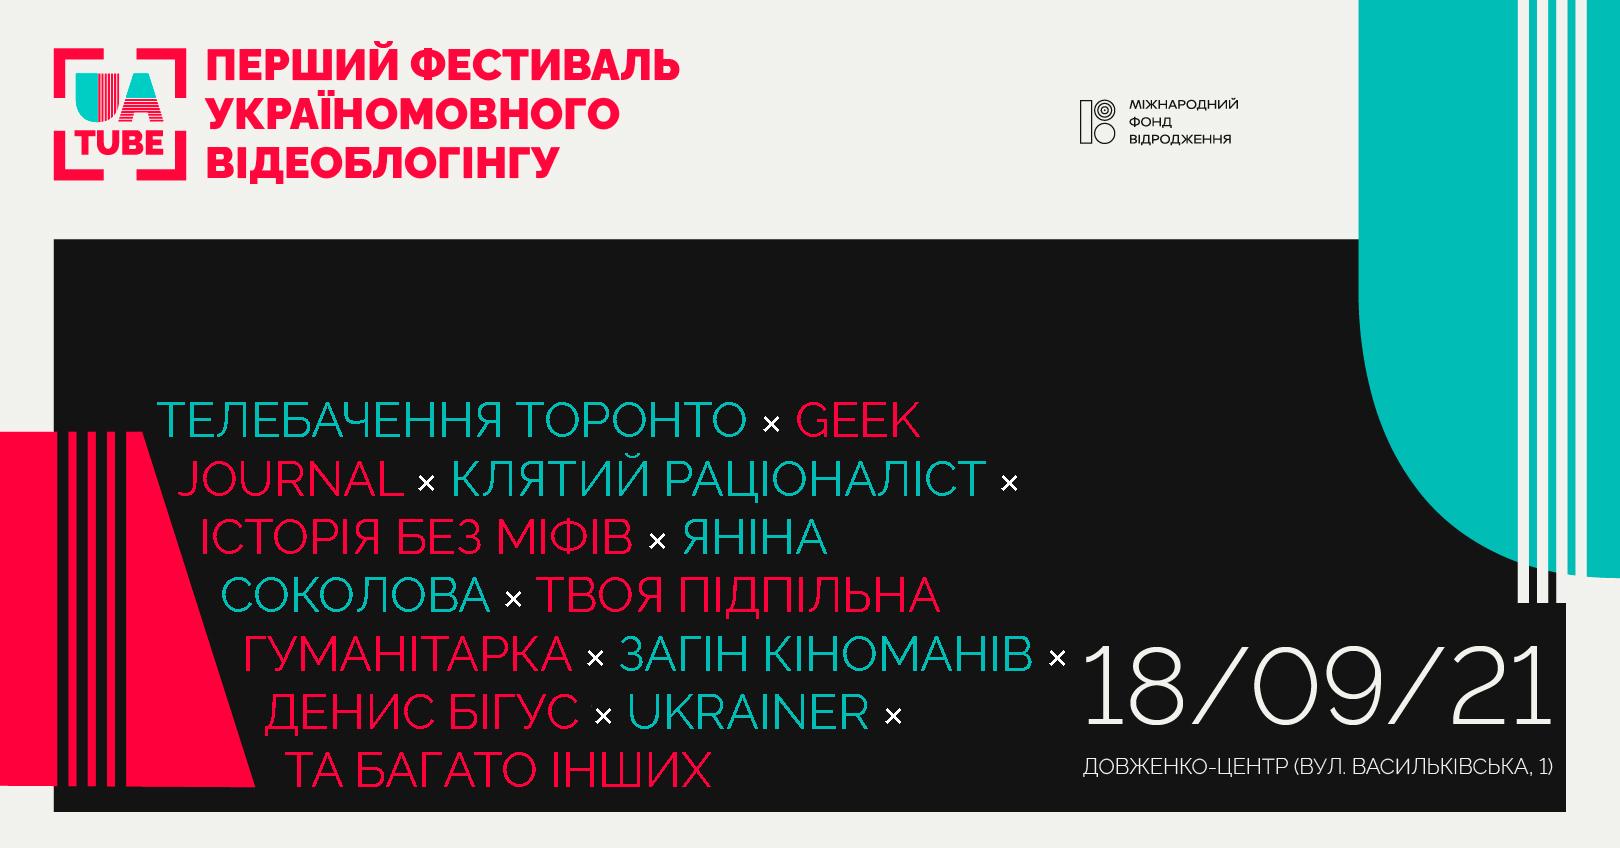 Вже 18 вересня у Києві, на сцені Довженко-Центру пройде перший фестиваль україномовного відеоблогінгу UaTube